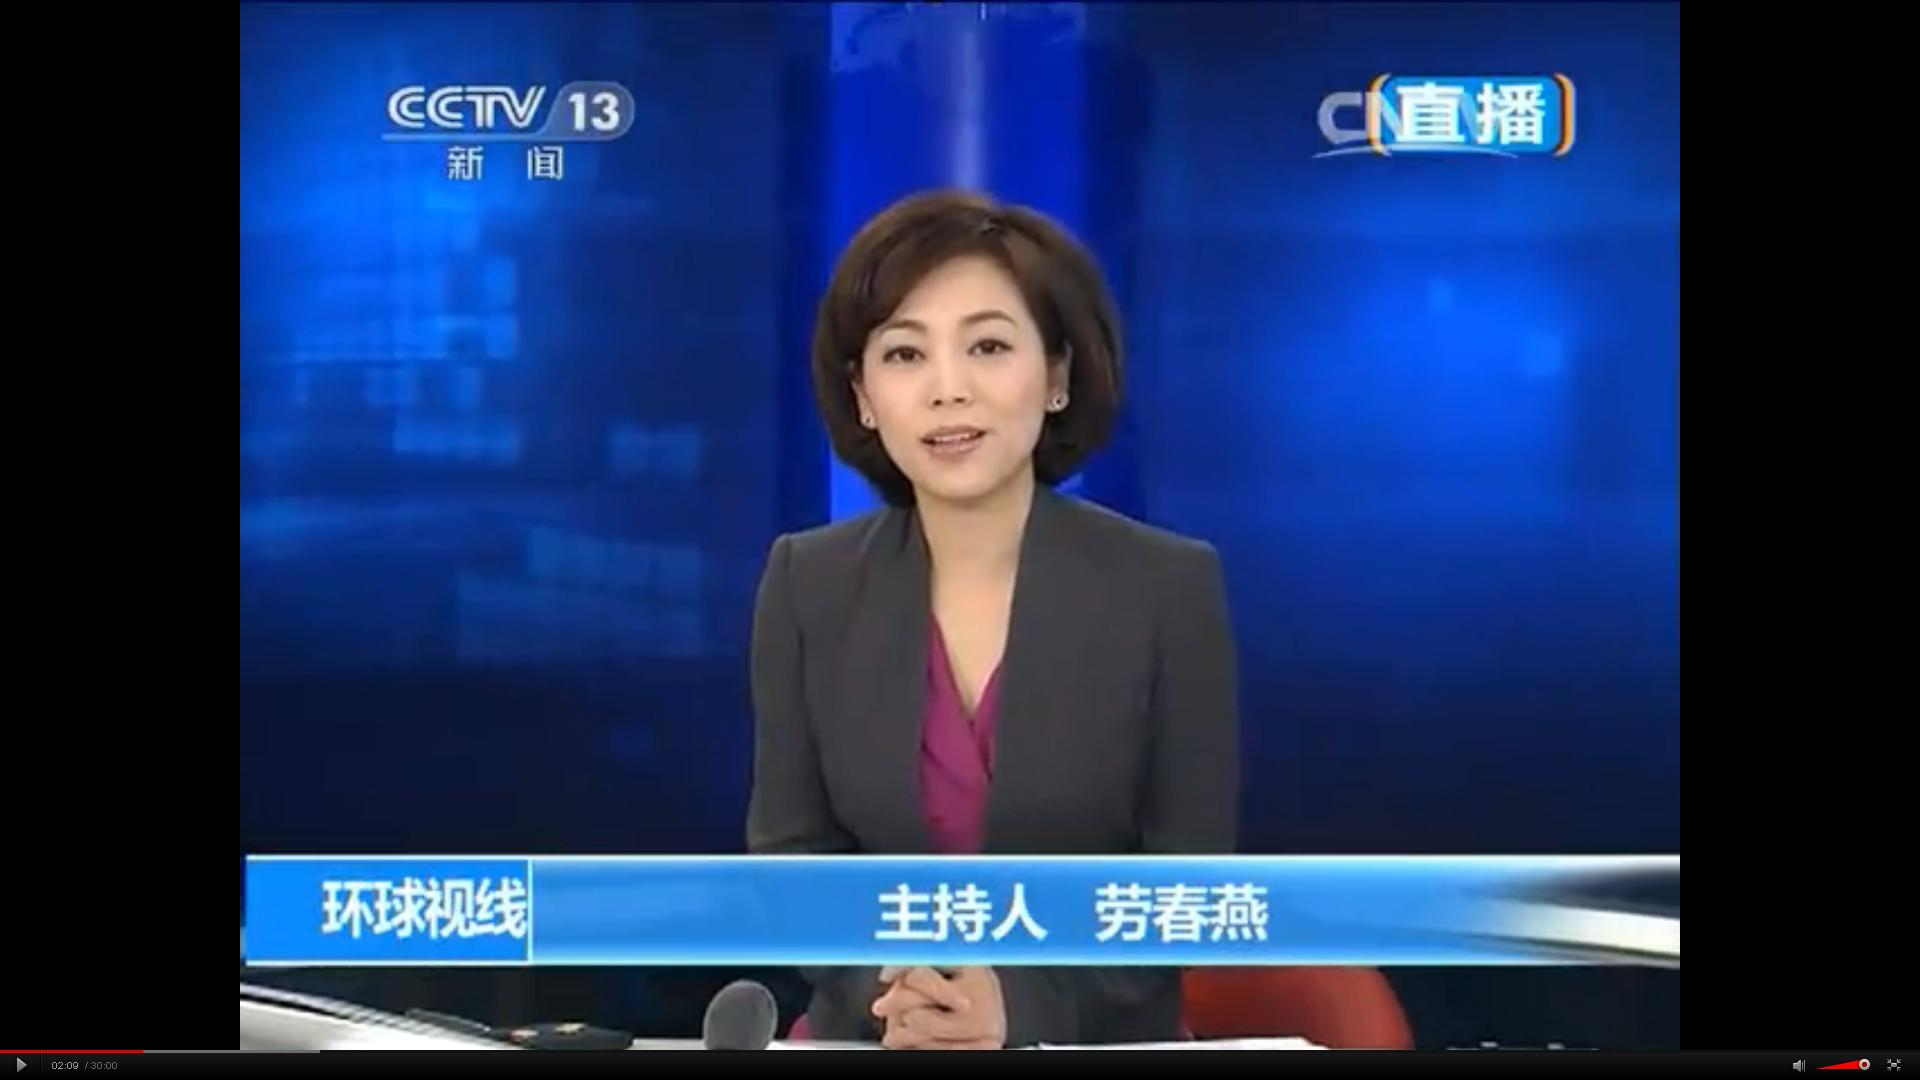 财经新闻_中央财经《第一时间》的主持人是谁? 还有新闻频道十.